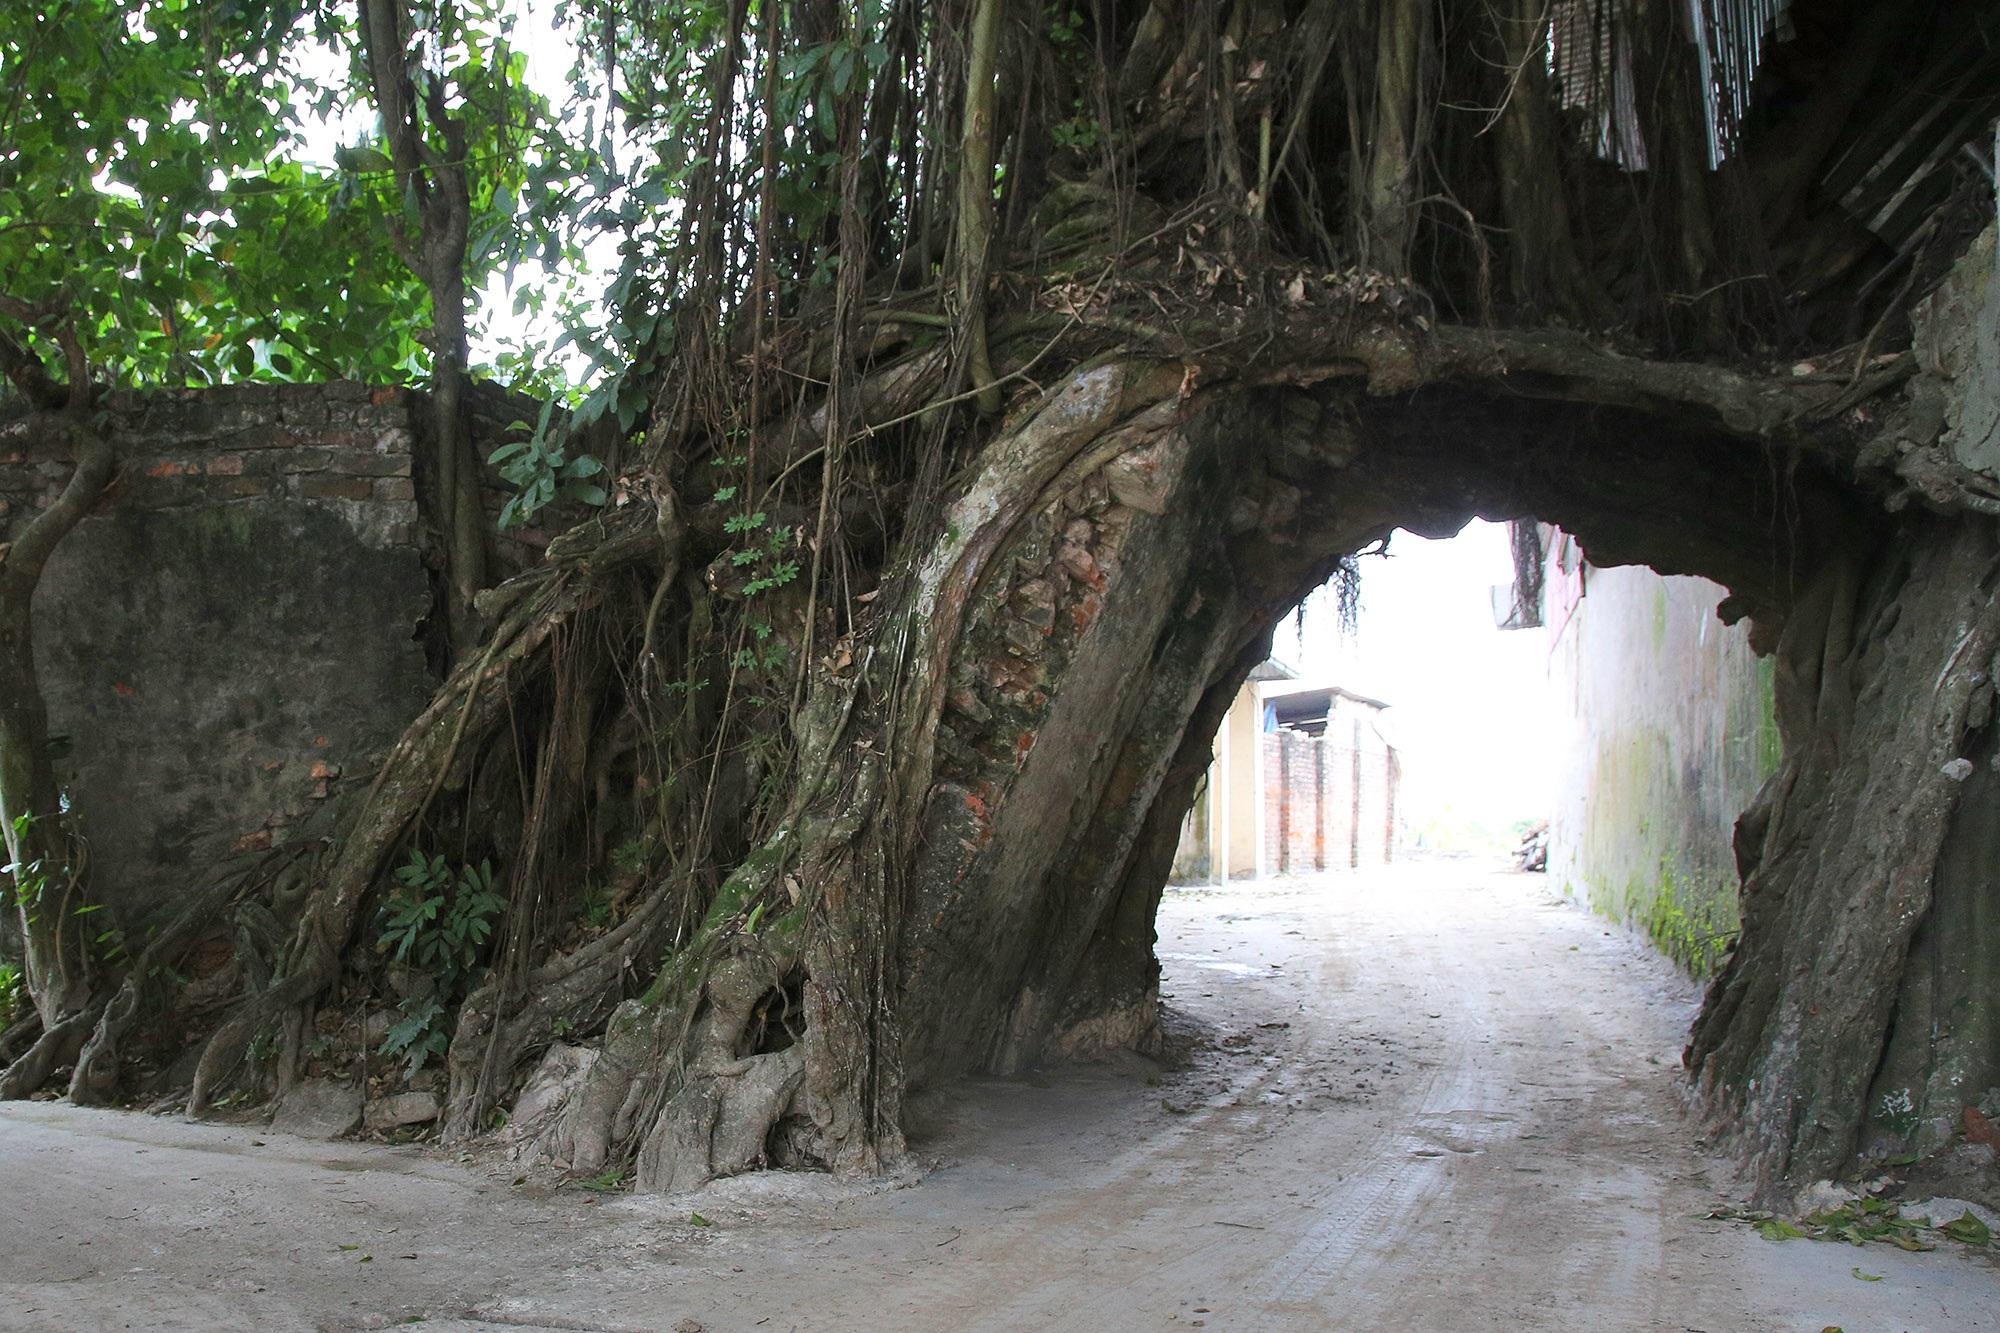 Lạc bước qua những kiệt tác cổng làng từ rễ cây độc đáo tại Bắc bộ - 16